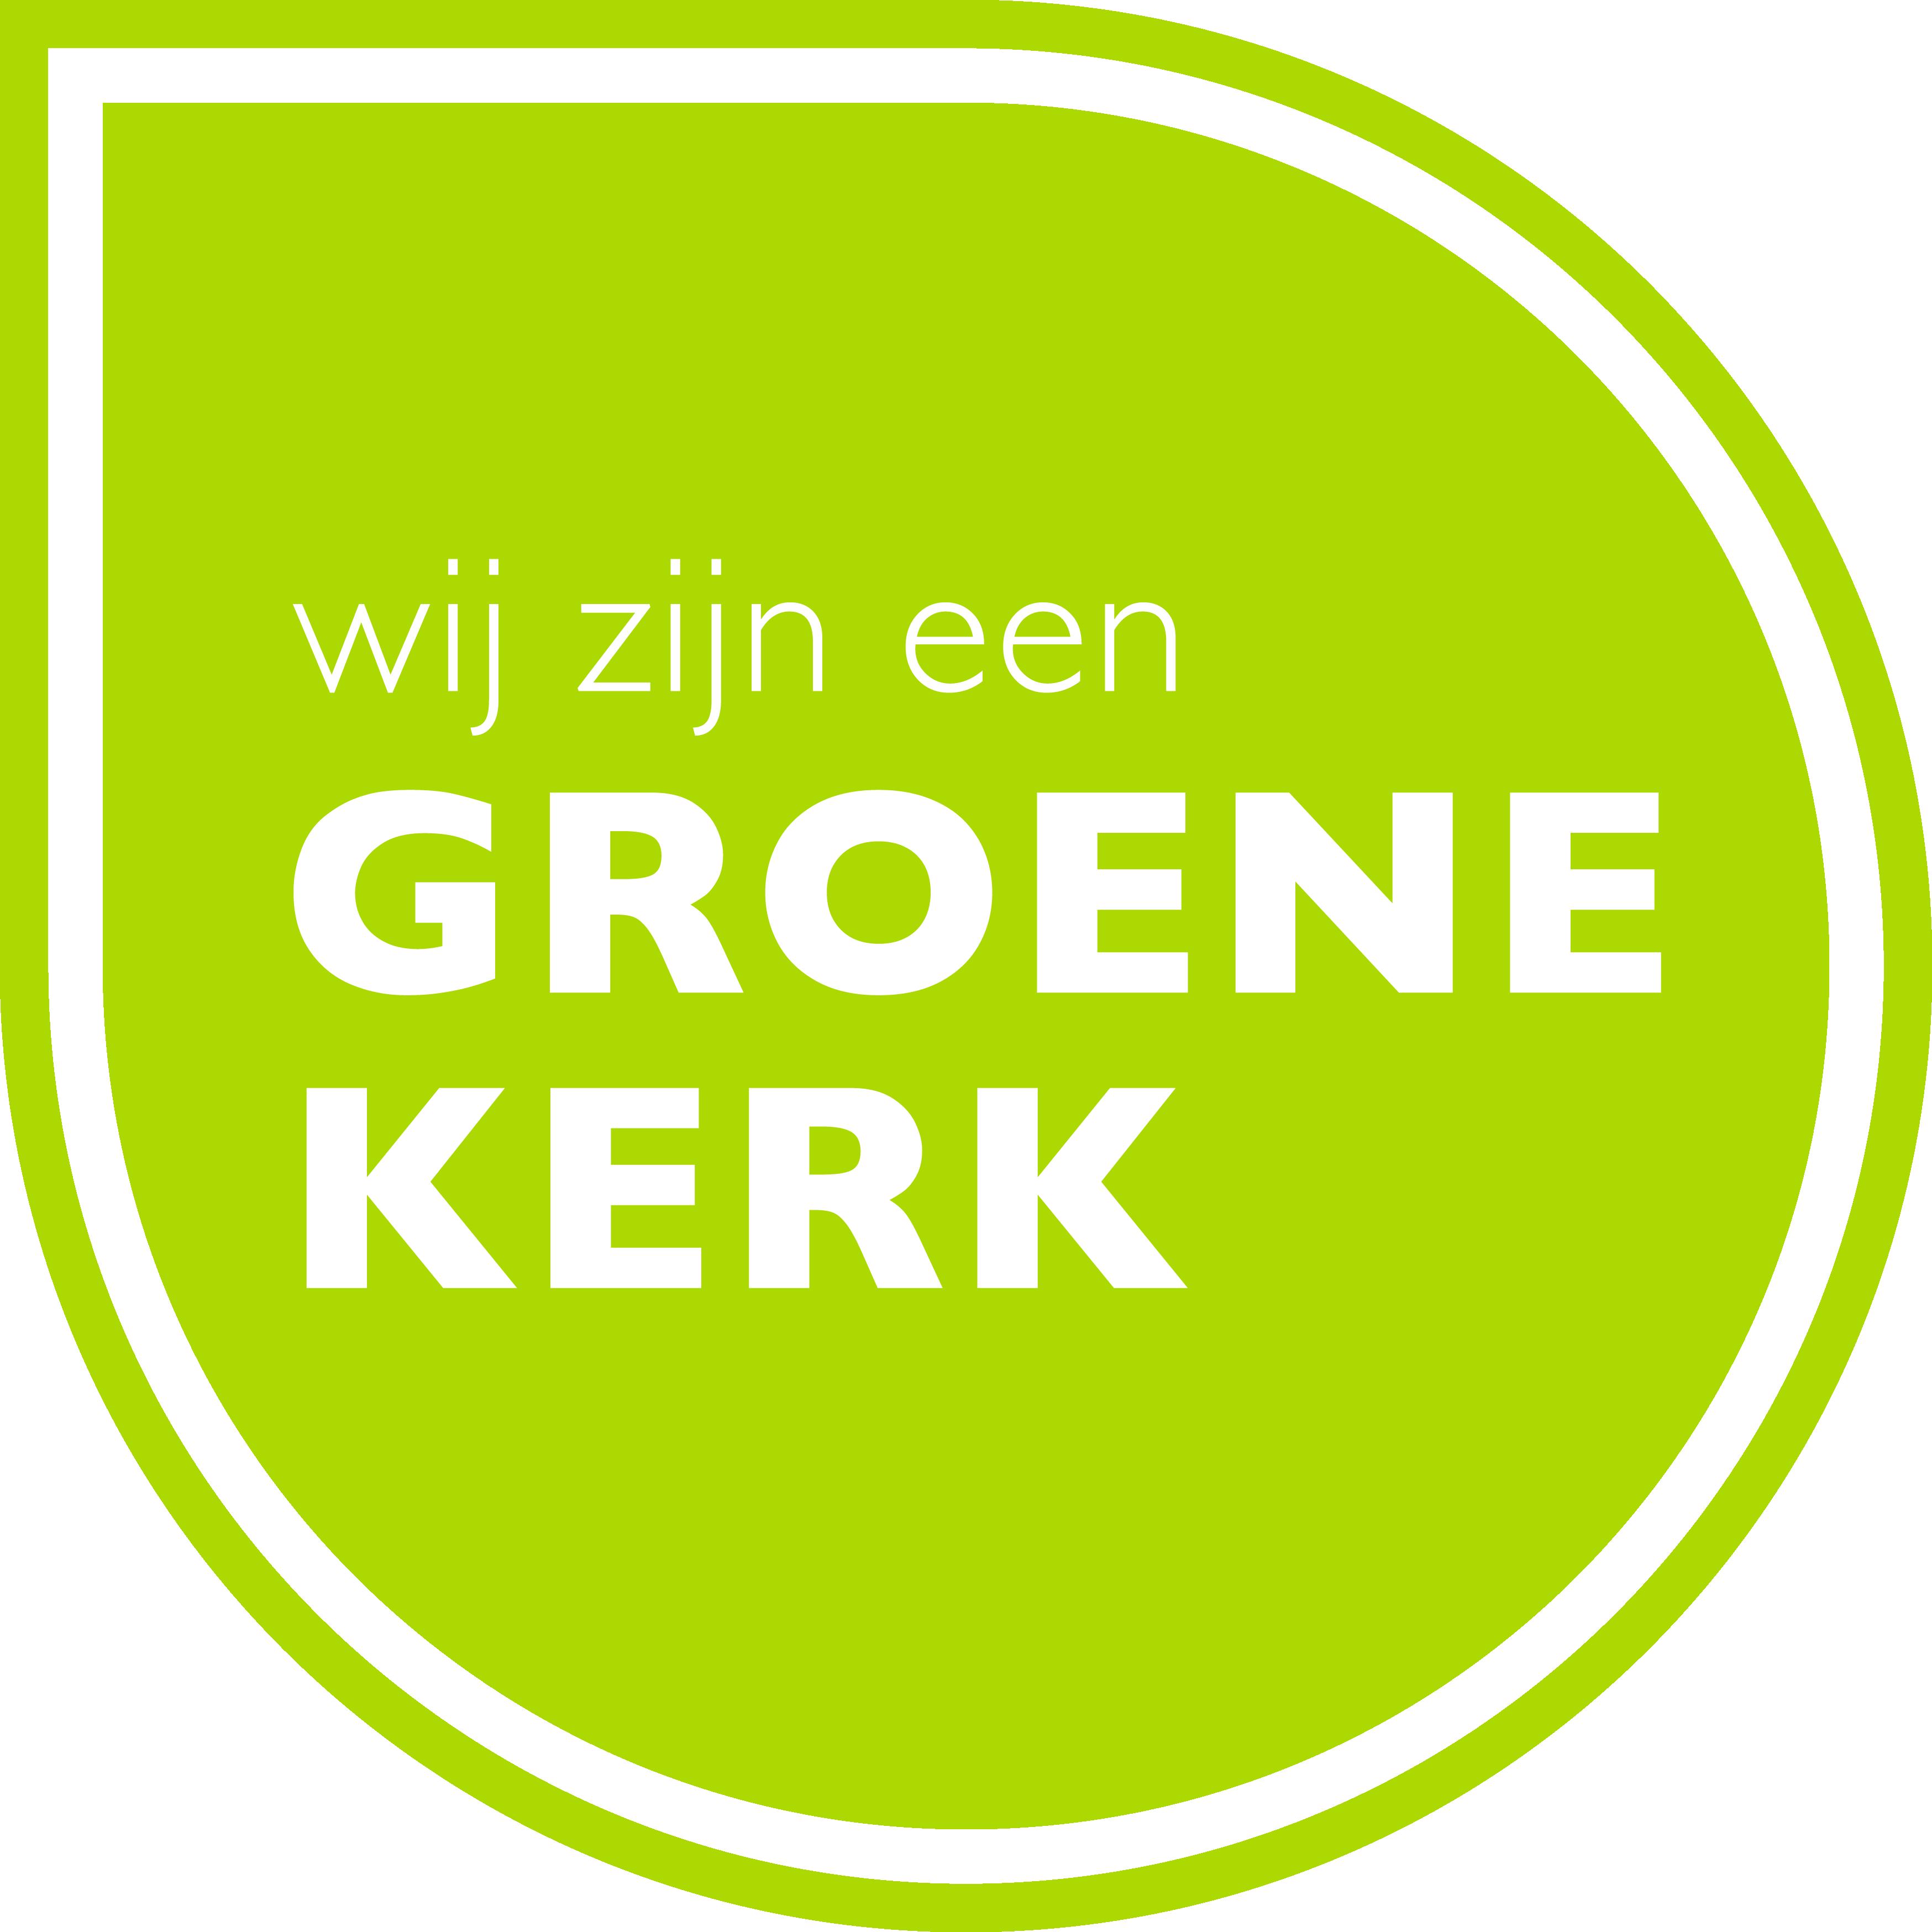 Groene Kerken